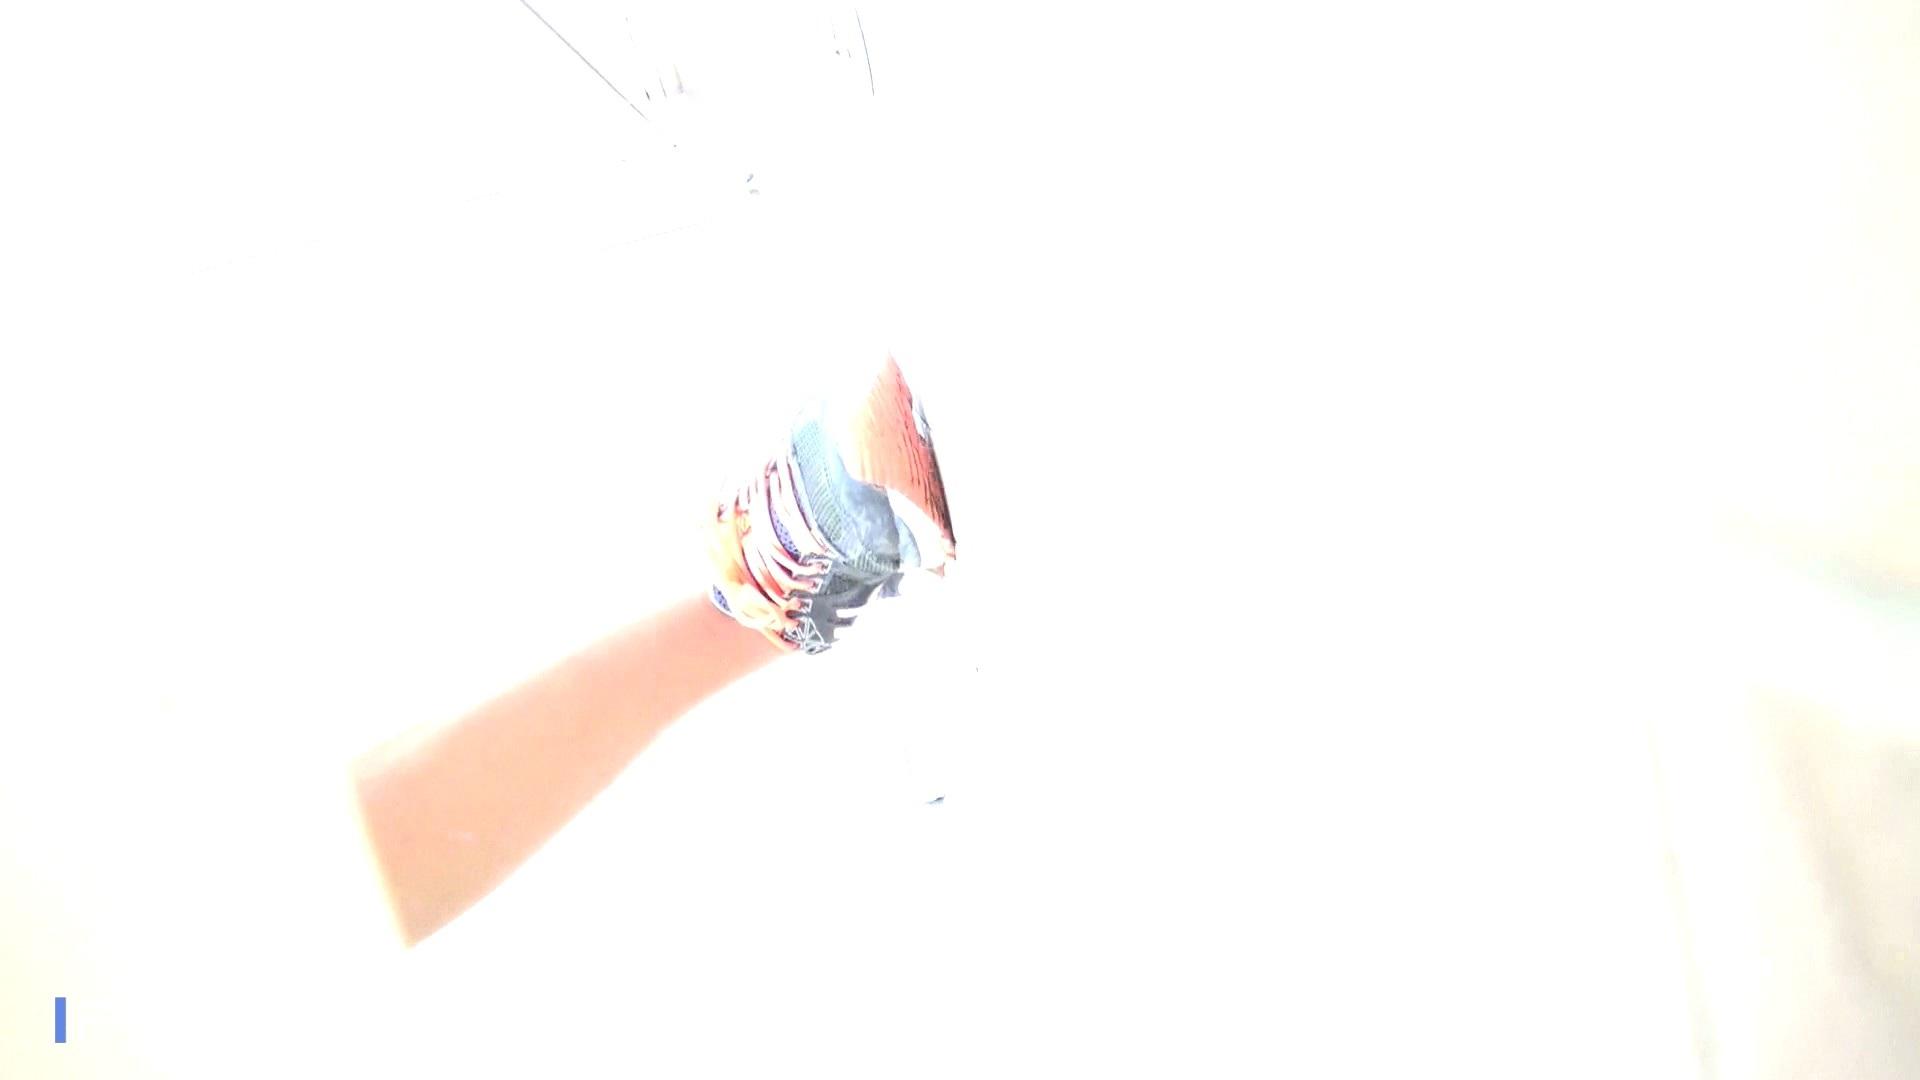 特別限定商品今だけ!!超DANGERコンテンツ03 洗面所シーン   高画質動画  93画像 16